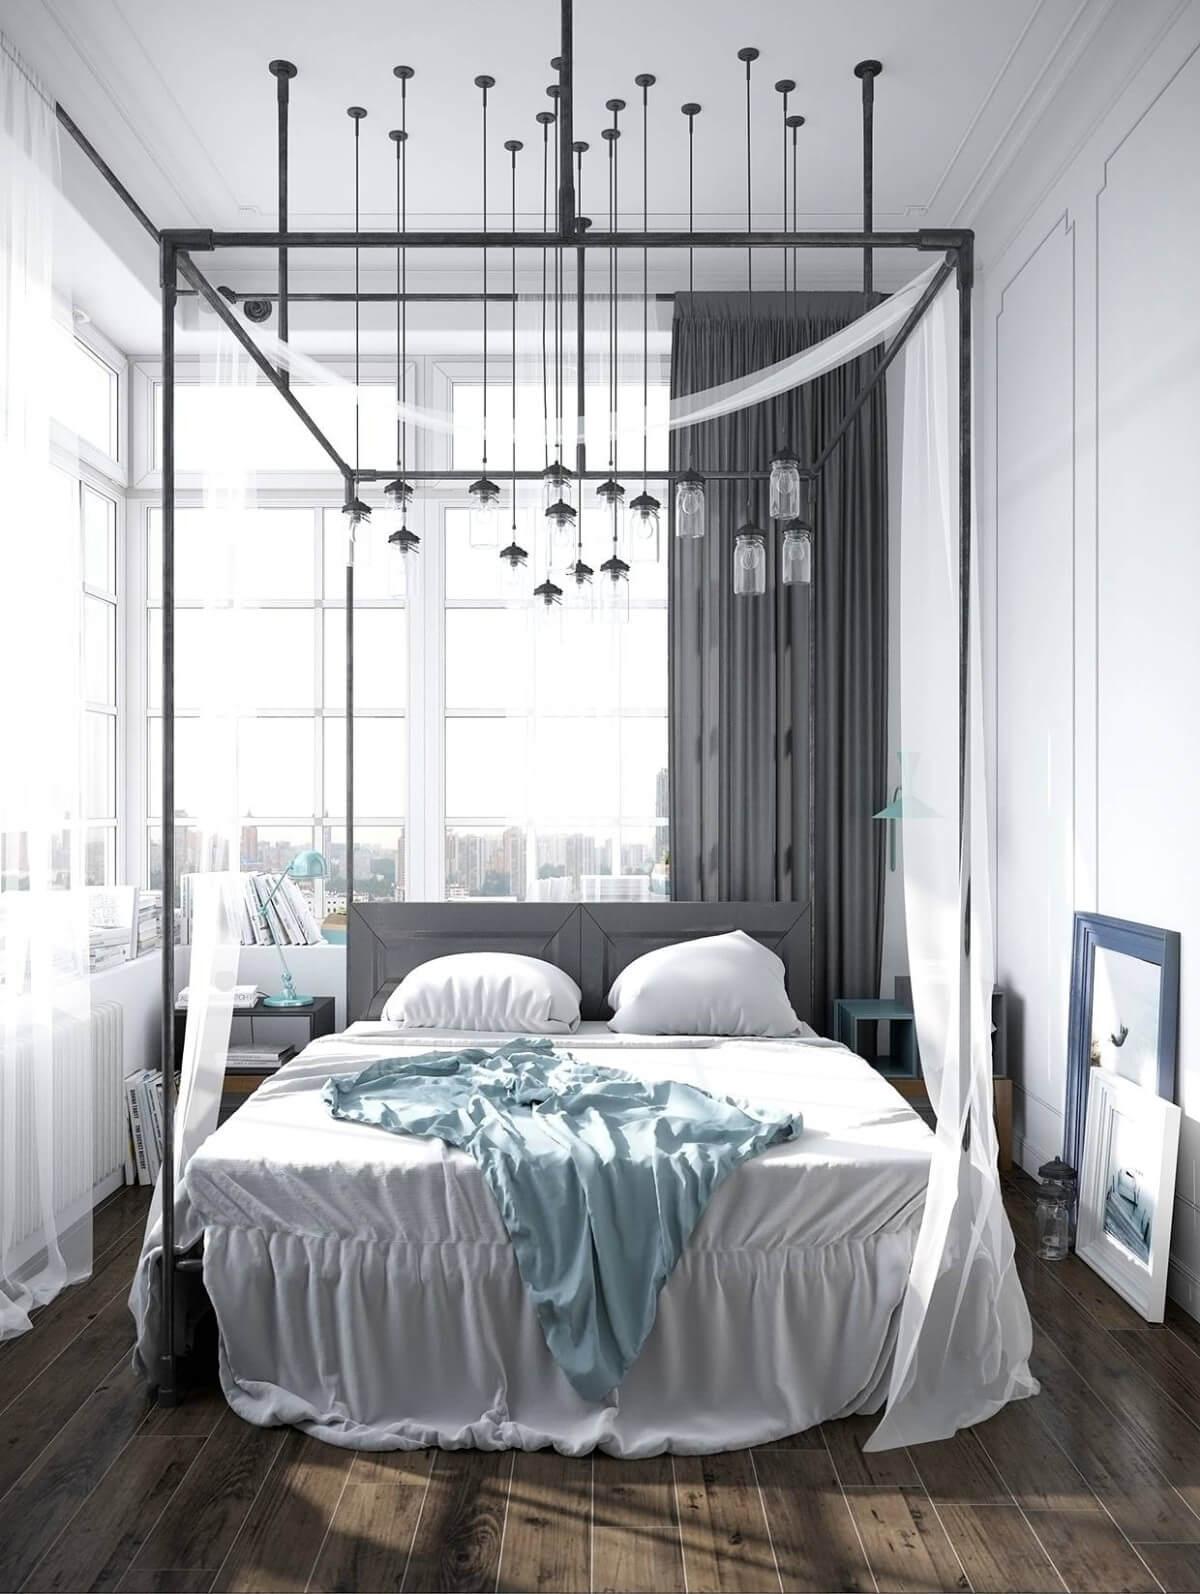 kiểu giường Capony hiện đại